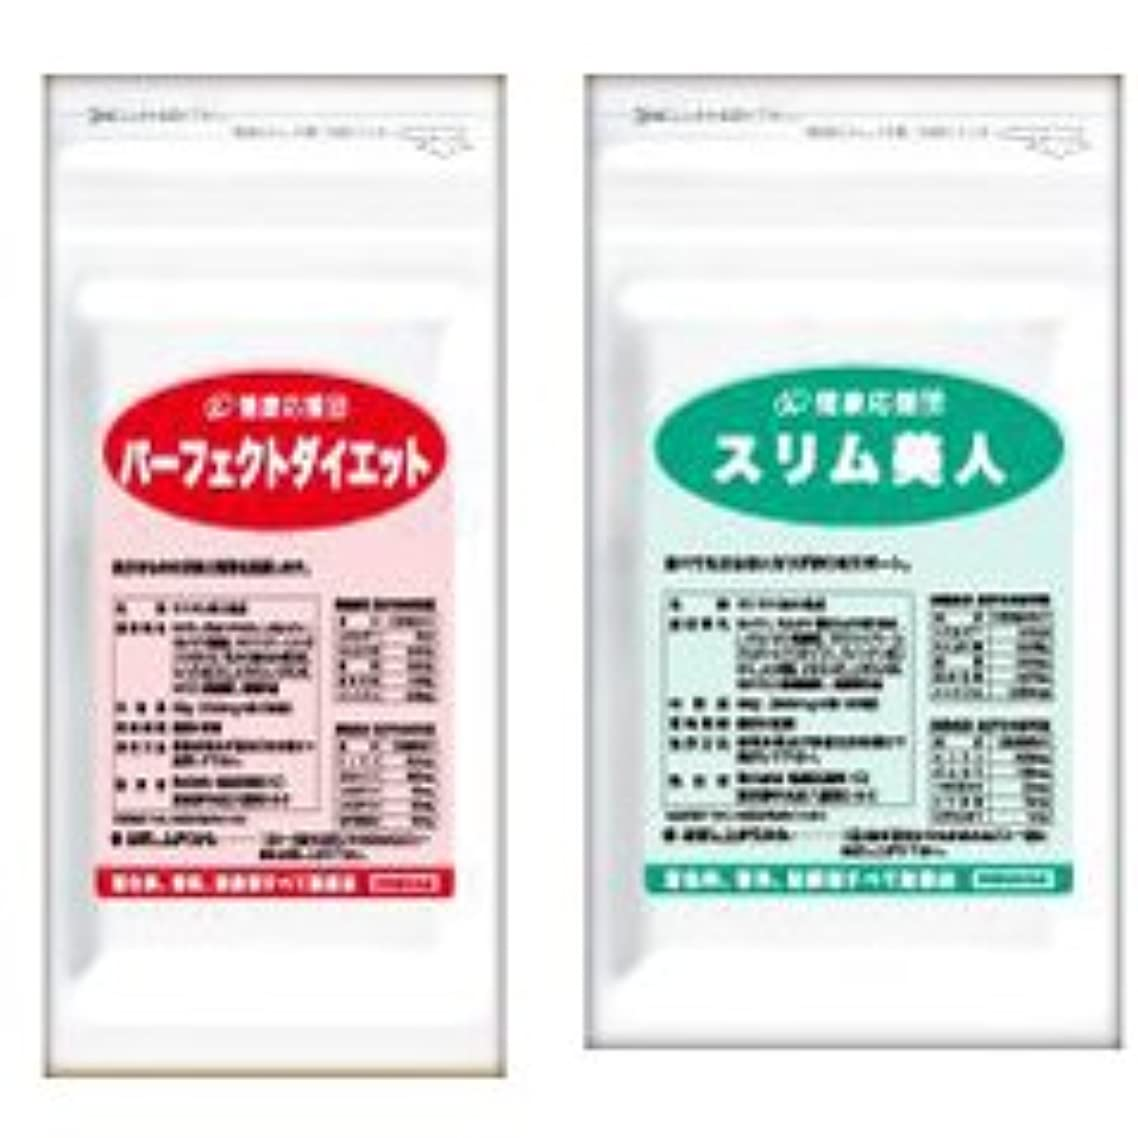 顕著流行エーカーダイエットセット パーフェクトダイエット + スリム美人 (キトサン、ガルシニアエキス、L-カルニチン、L-オルニチン、αリポ酸、レジスタントプロテイン配合)